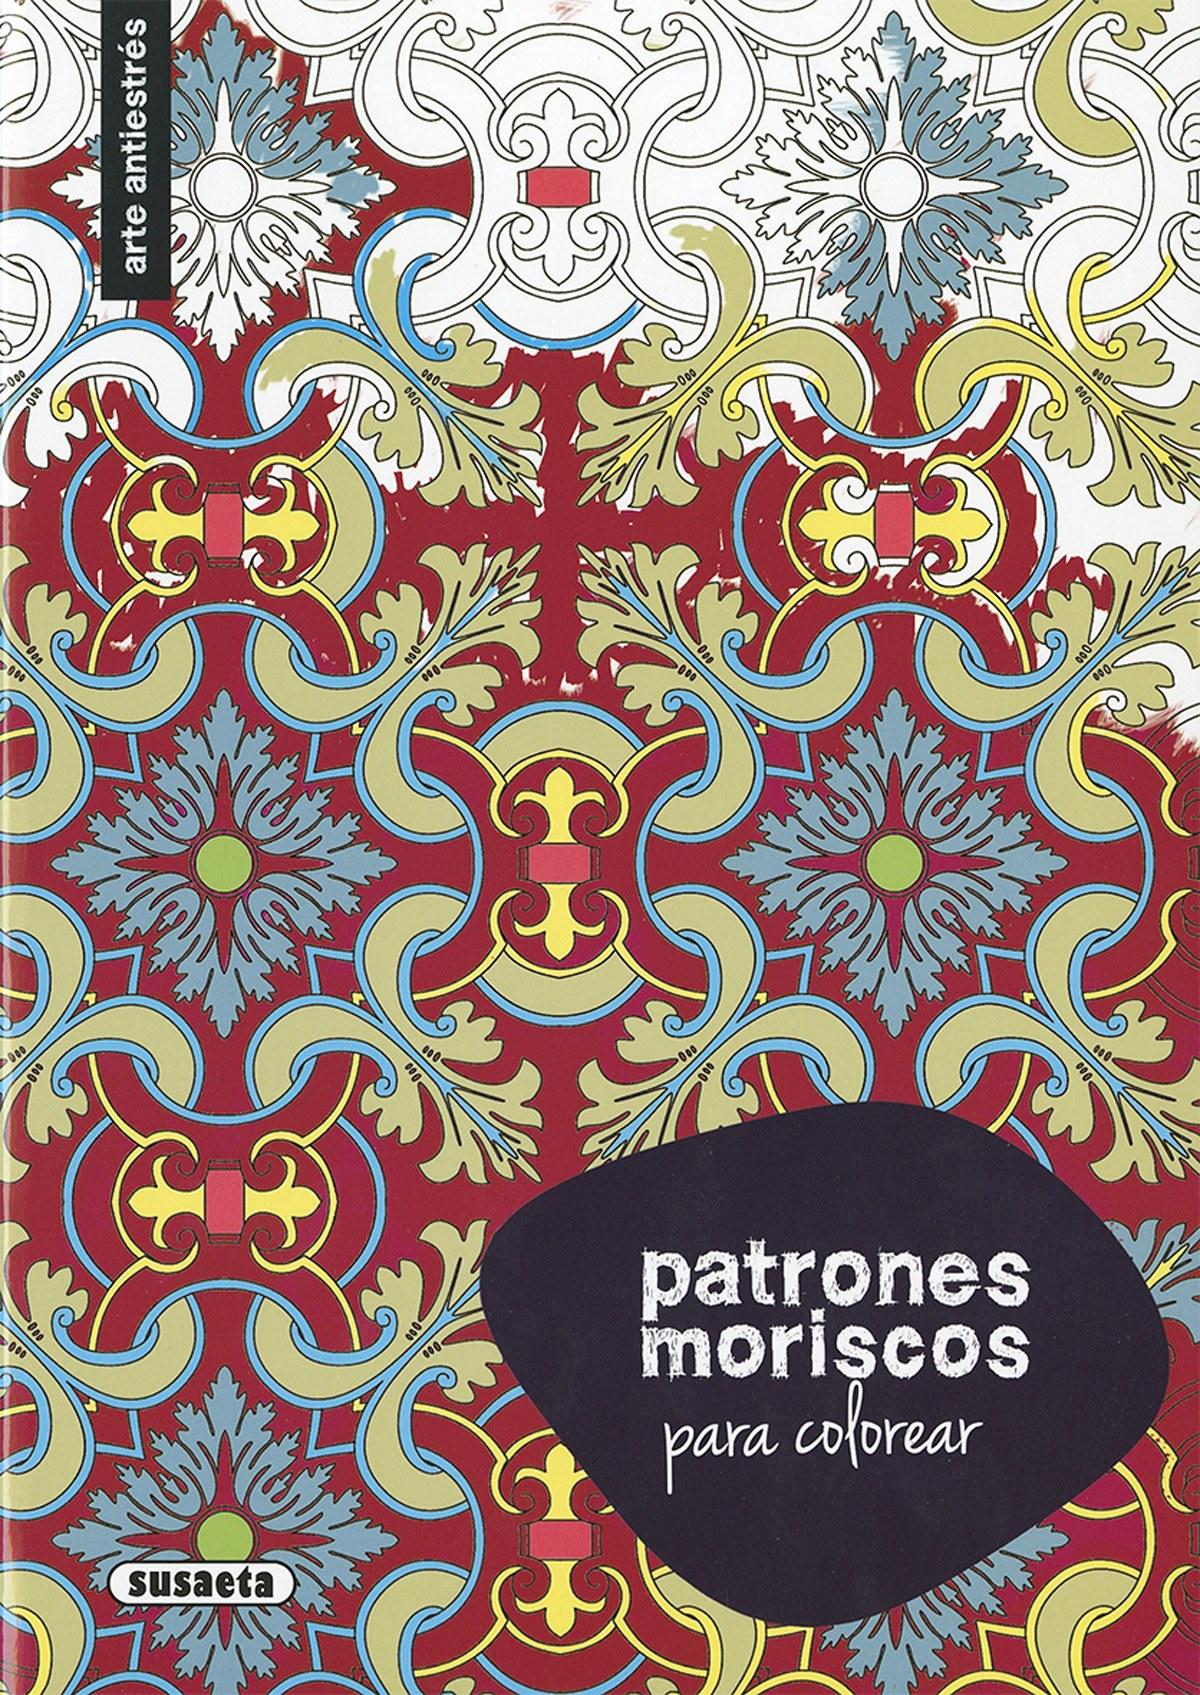 Patrones moriscos colorear 9788467750331